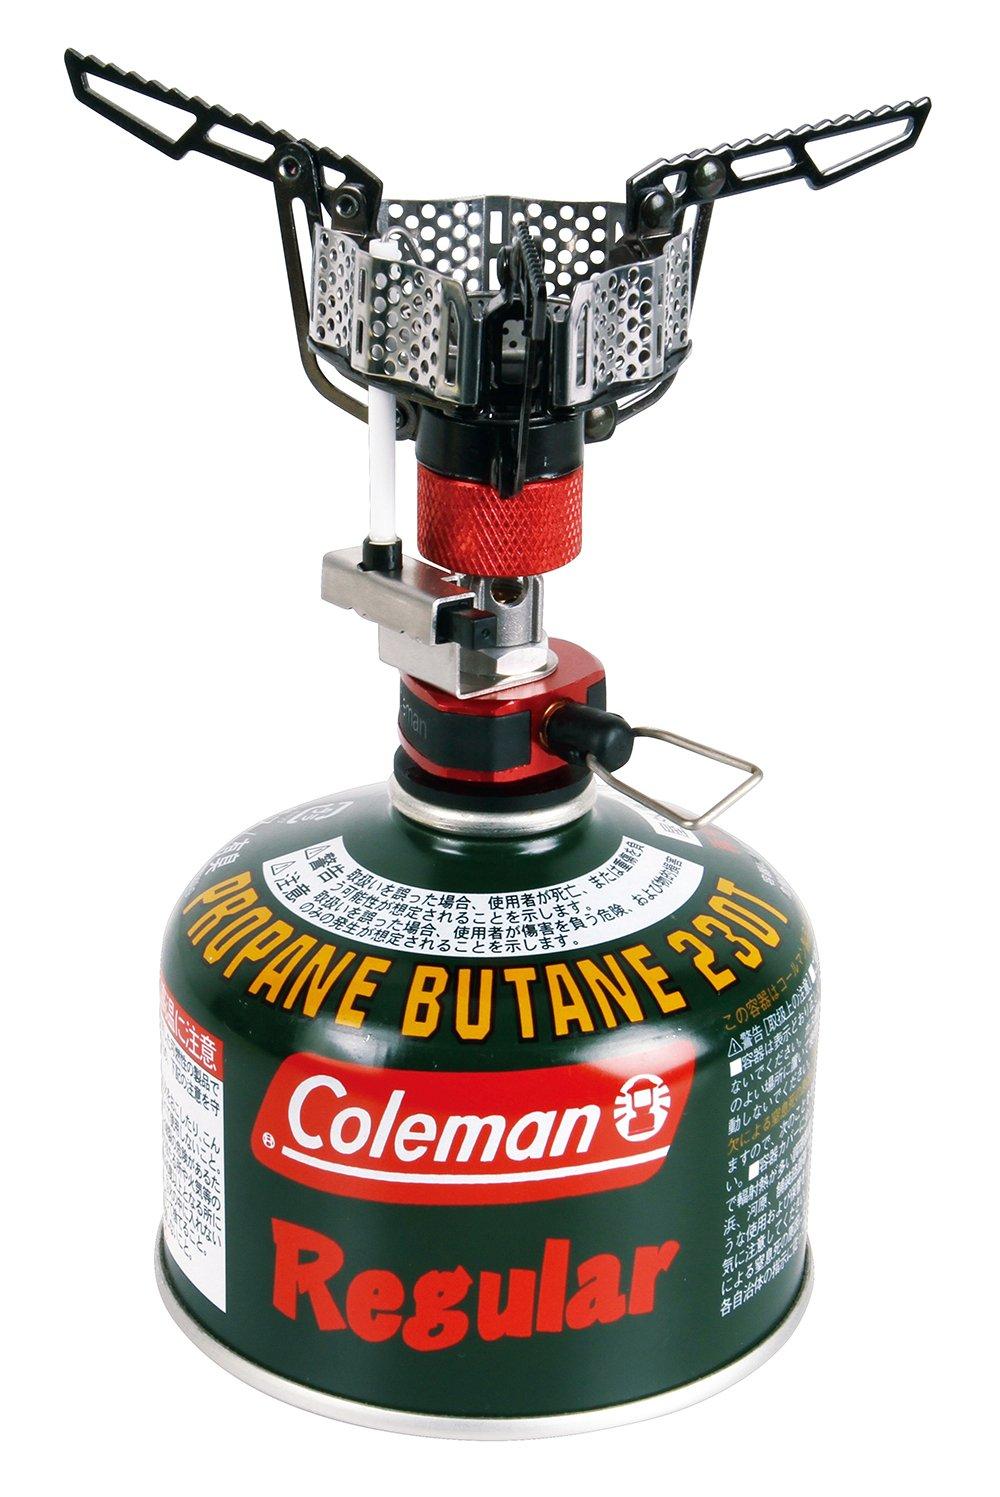 コールマン バーナー ファイアーストーム2000028328